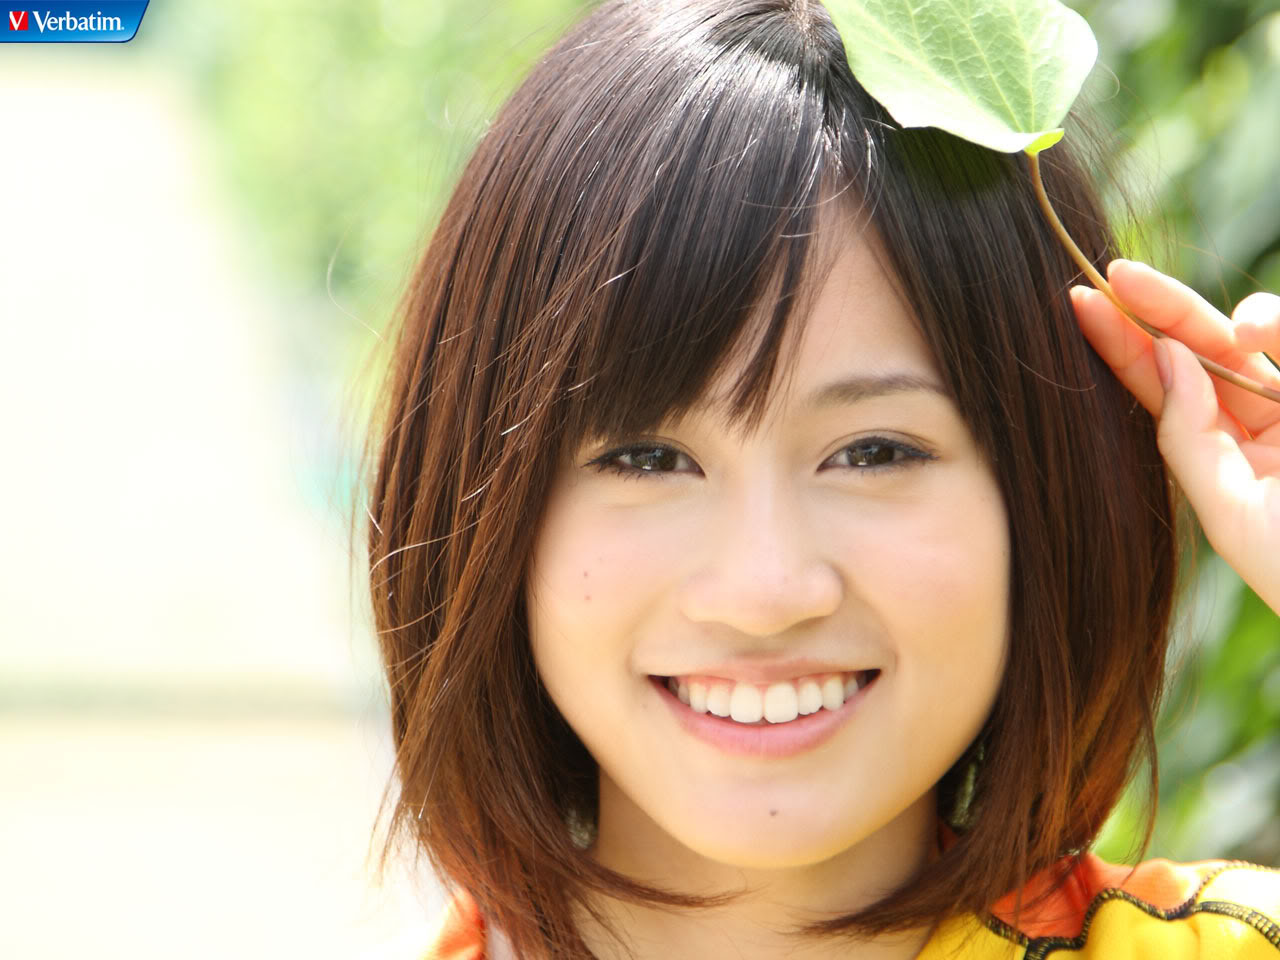 前田敦子 画像 23